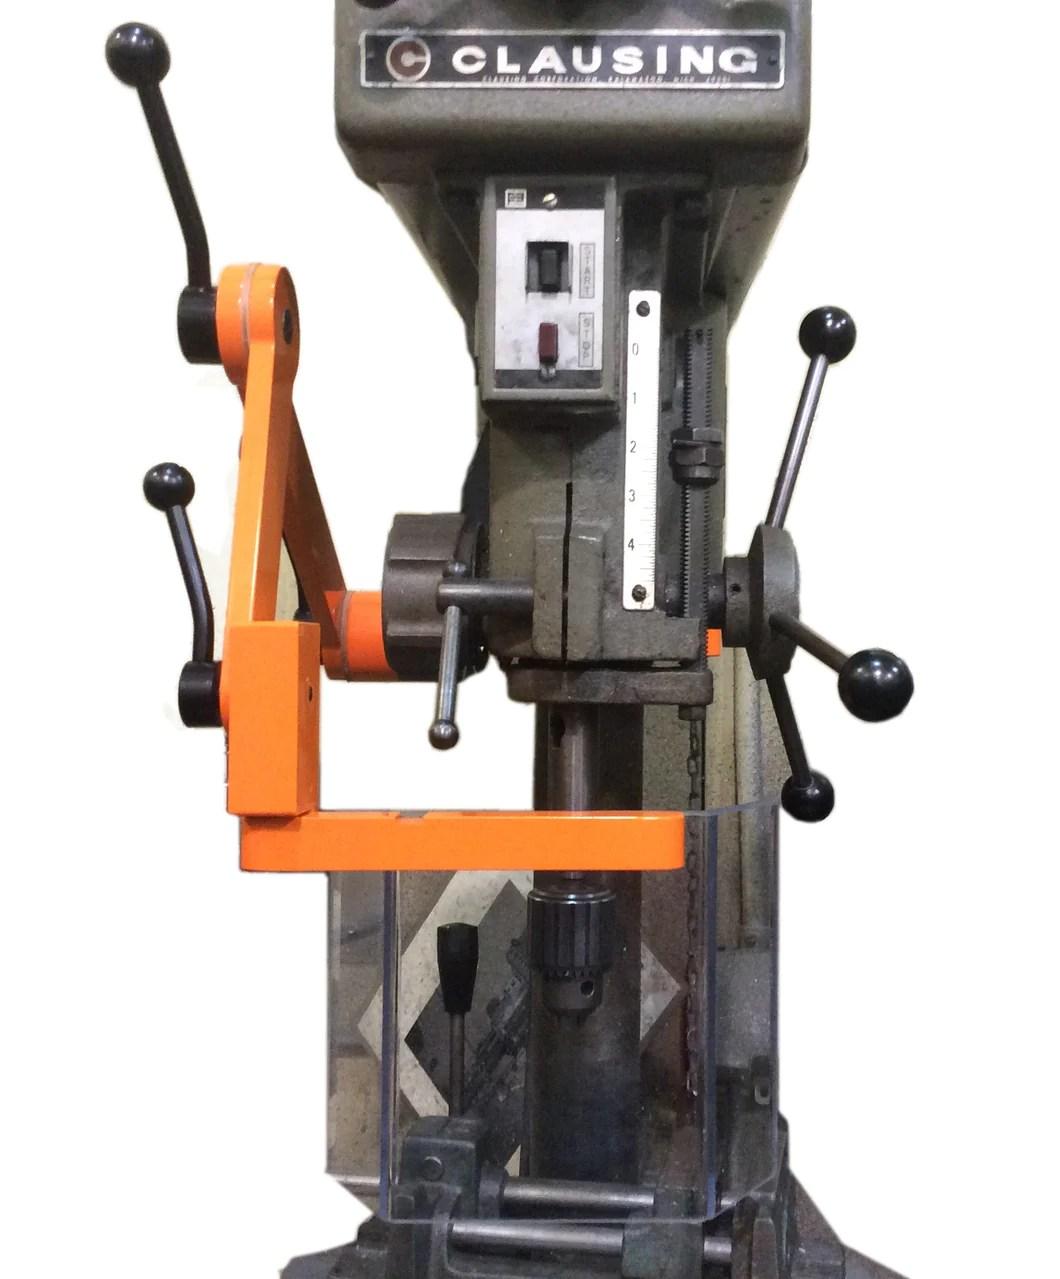 medium resolution of dayton 15 drill press manual